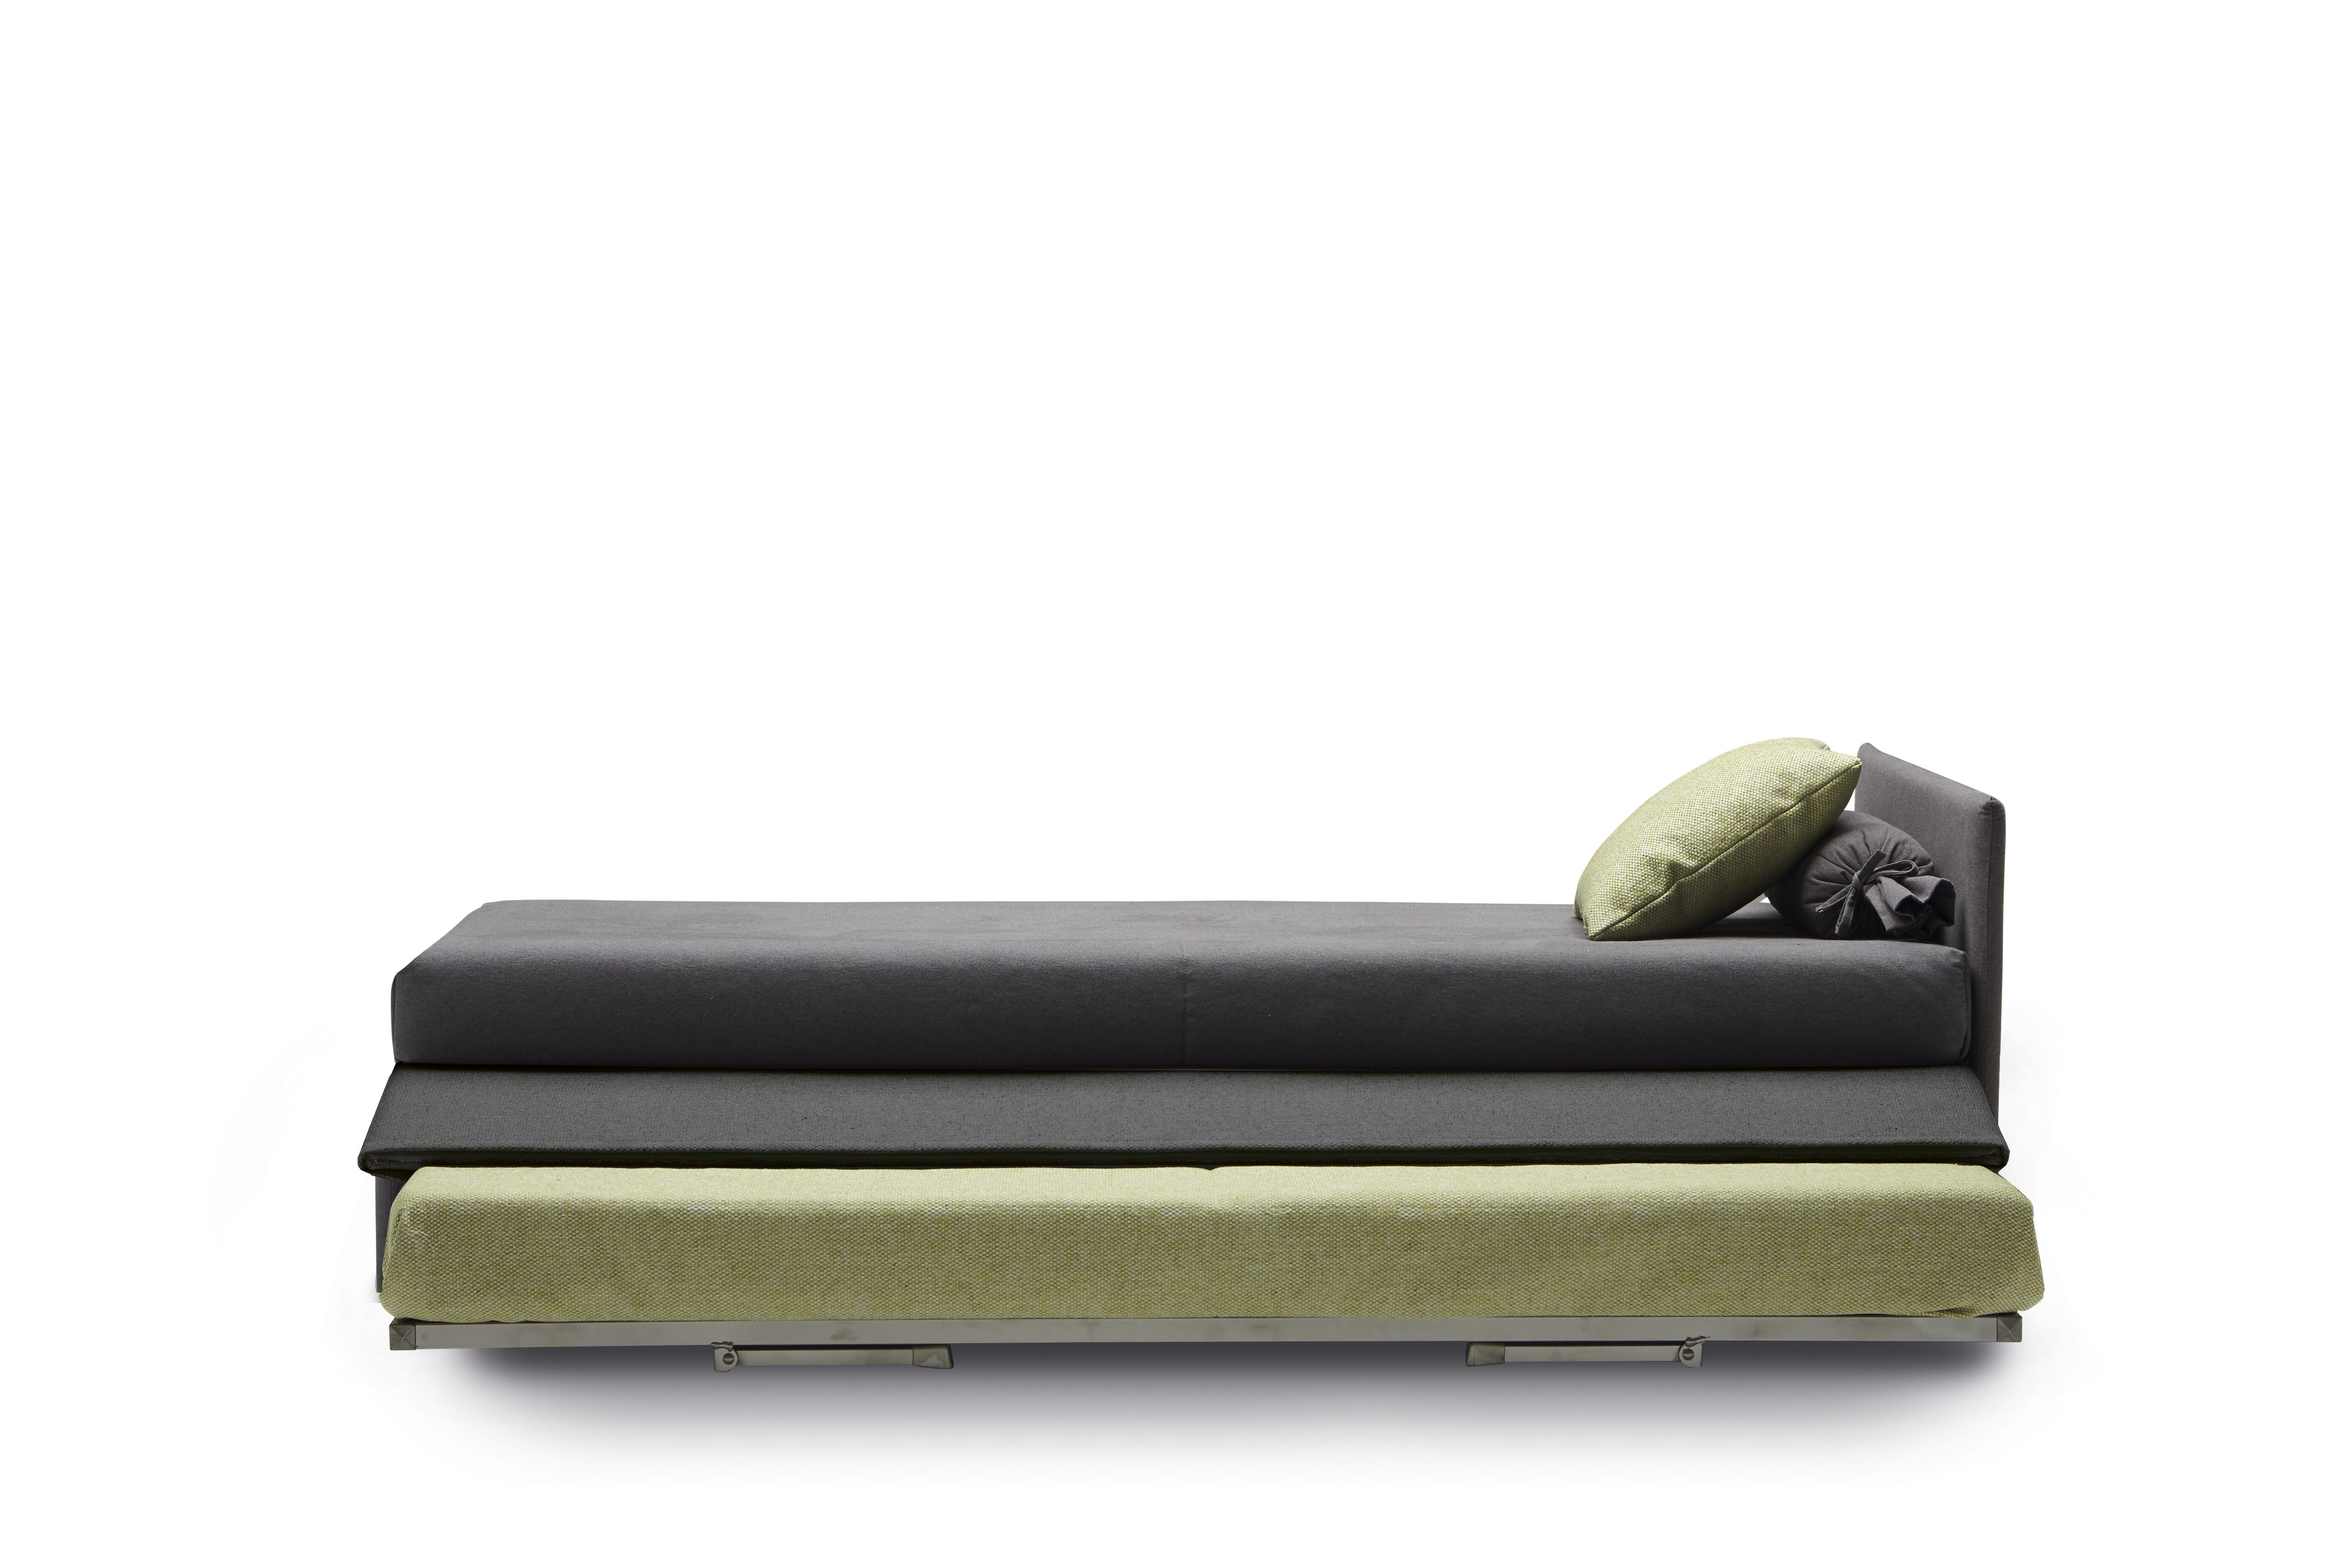 achetez un canap lit gigogne jack milano bedding chez vestibule paris - Canape Gigogne